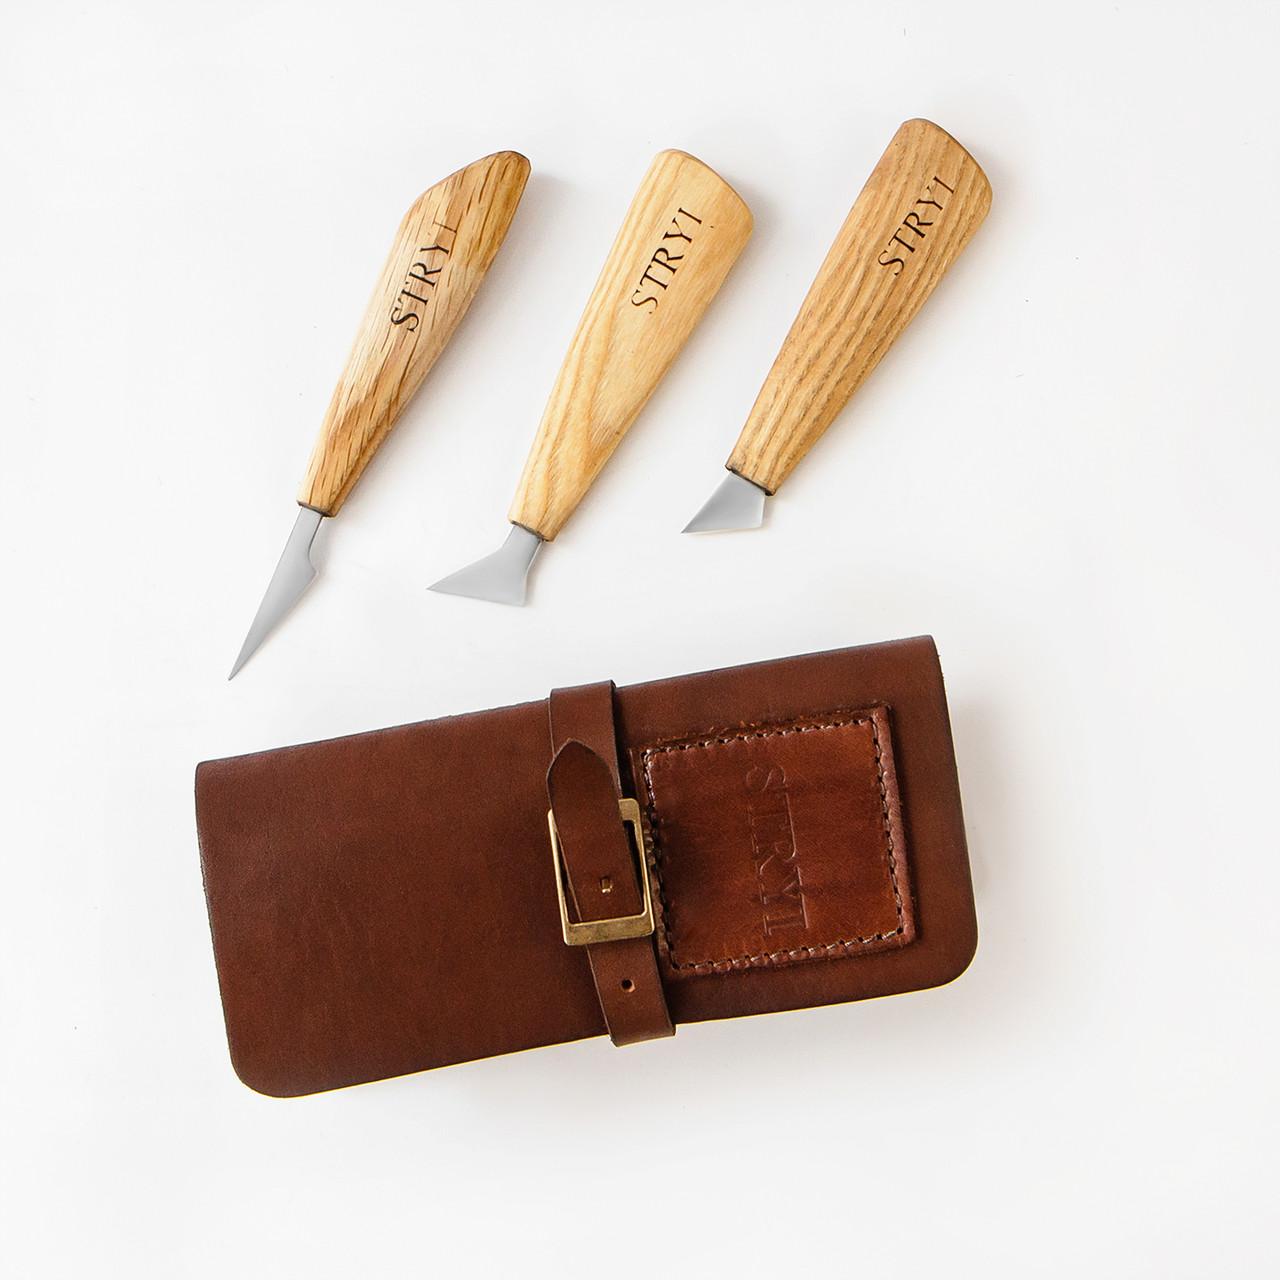 Набор ножей с 3шт. в кожаном чехле от производителя STRYI